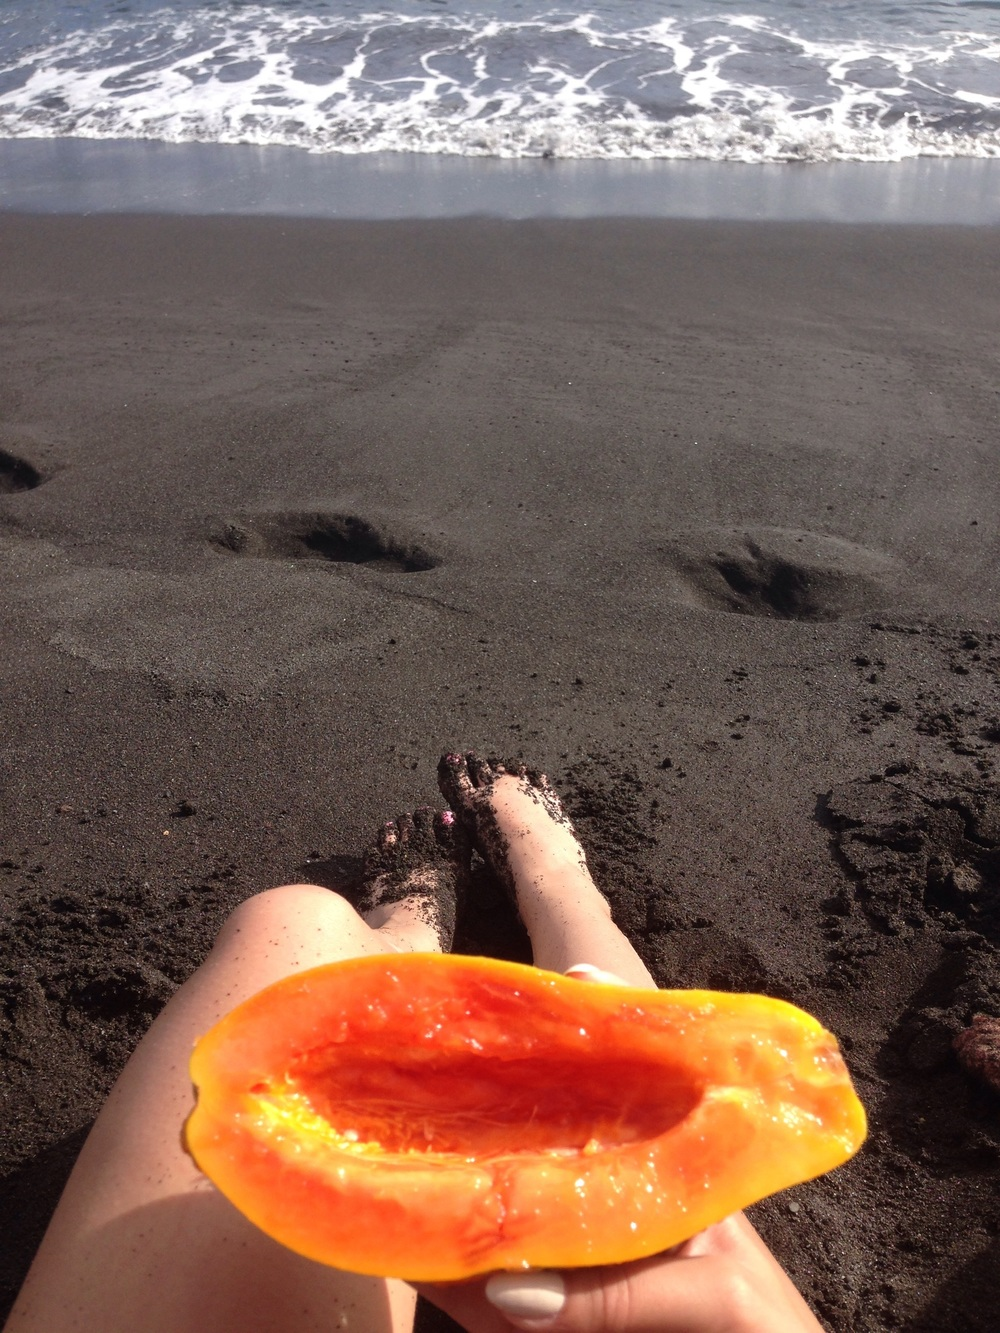 We took some papaya to eat.